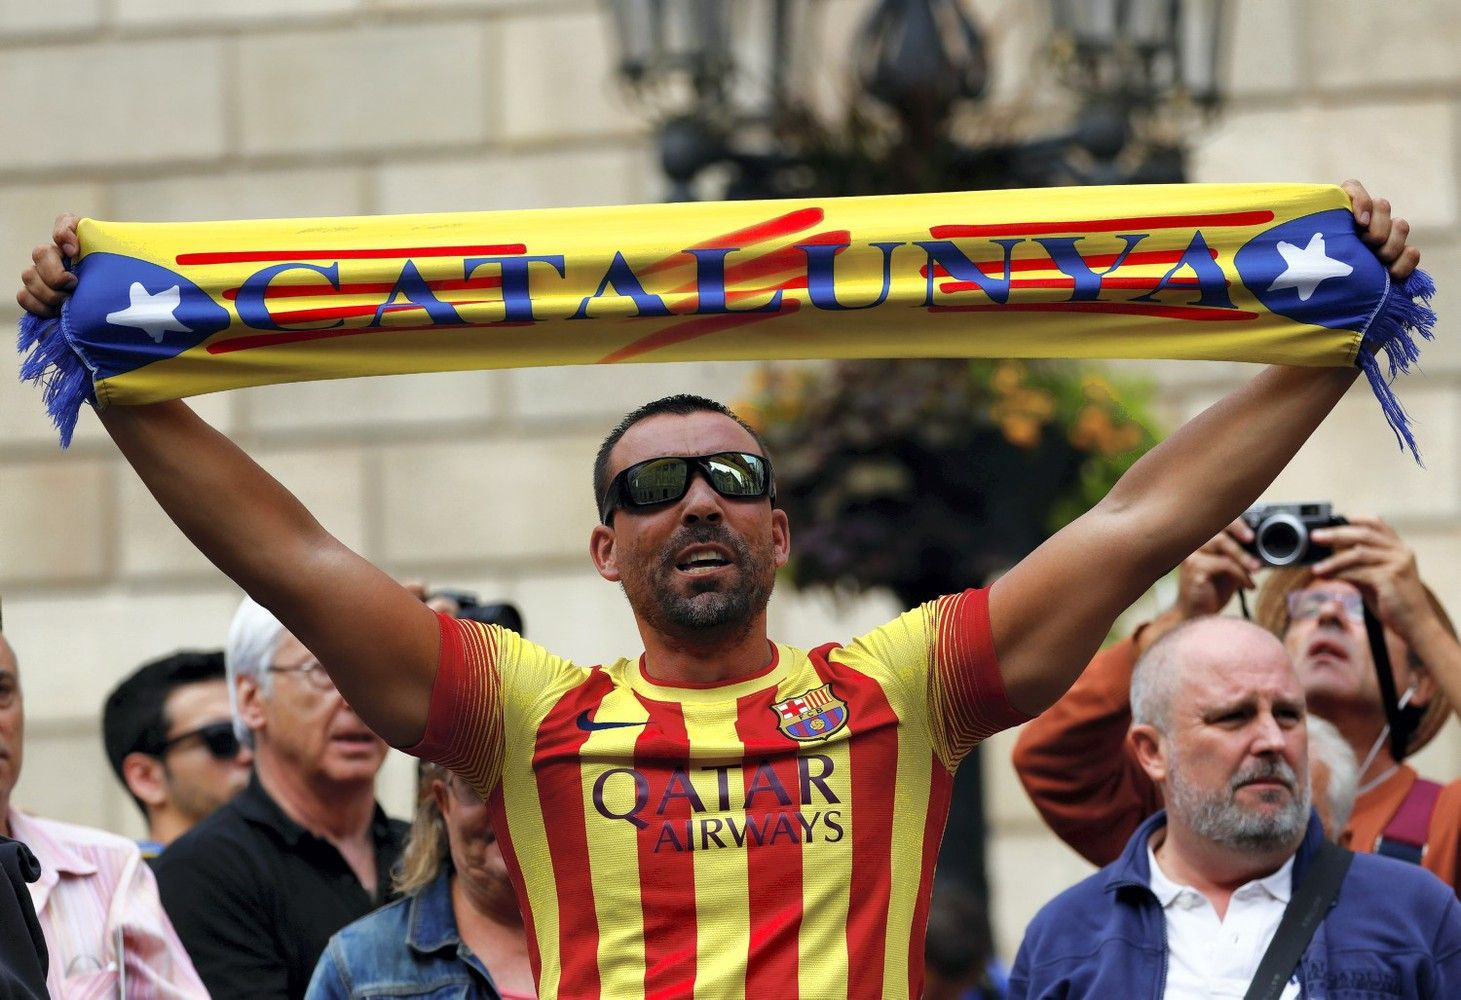 Ispanija pradėjo tyrimą dėl Katalonijos policijos vadovo antivyriausybinės veiklos